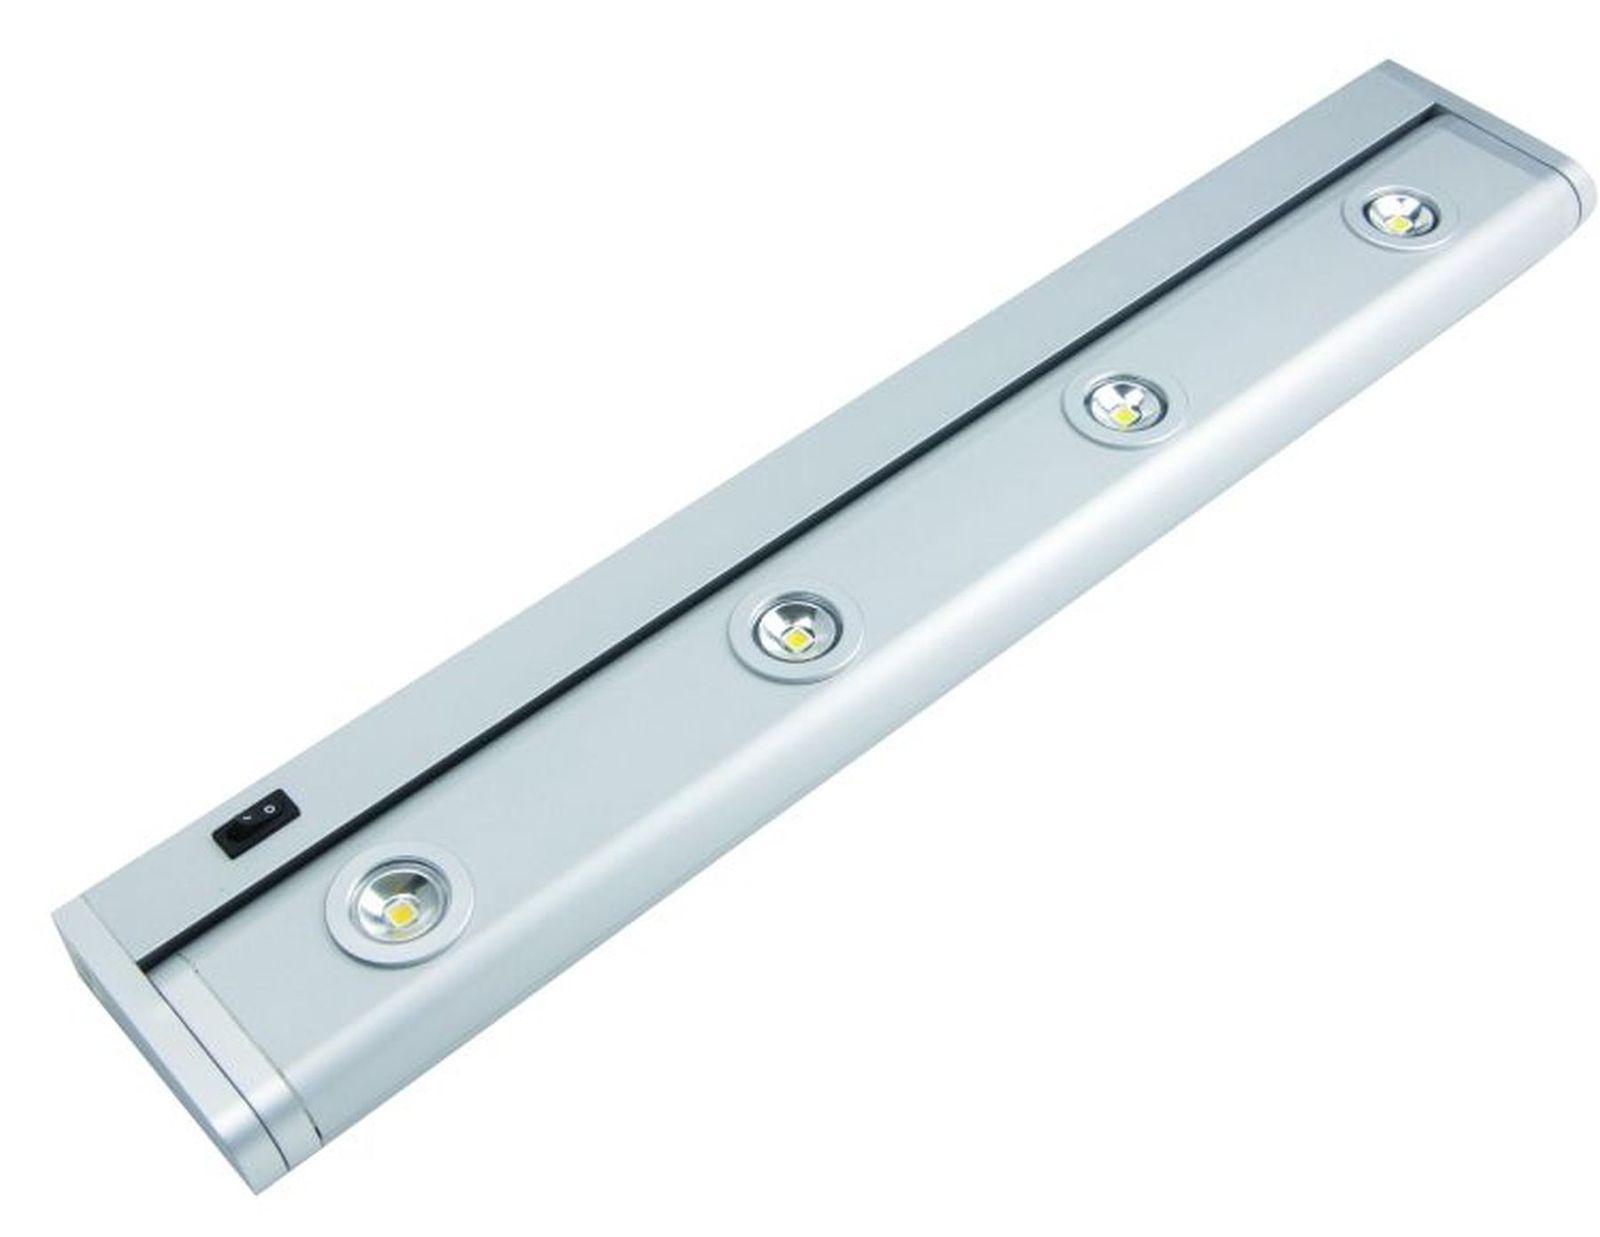 led-kchen-schrank-unterbau-schwenkleuchte-520-mm-lichtleiste-4-x-1-watt--30585 Elegantes Led Unterbauleuchte Mit Steckdose Dekorationen